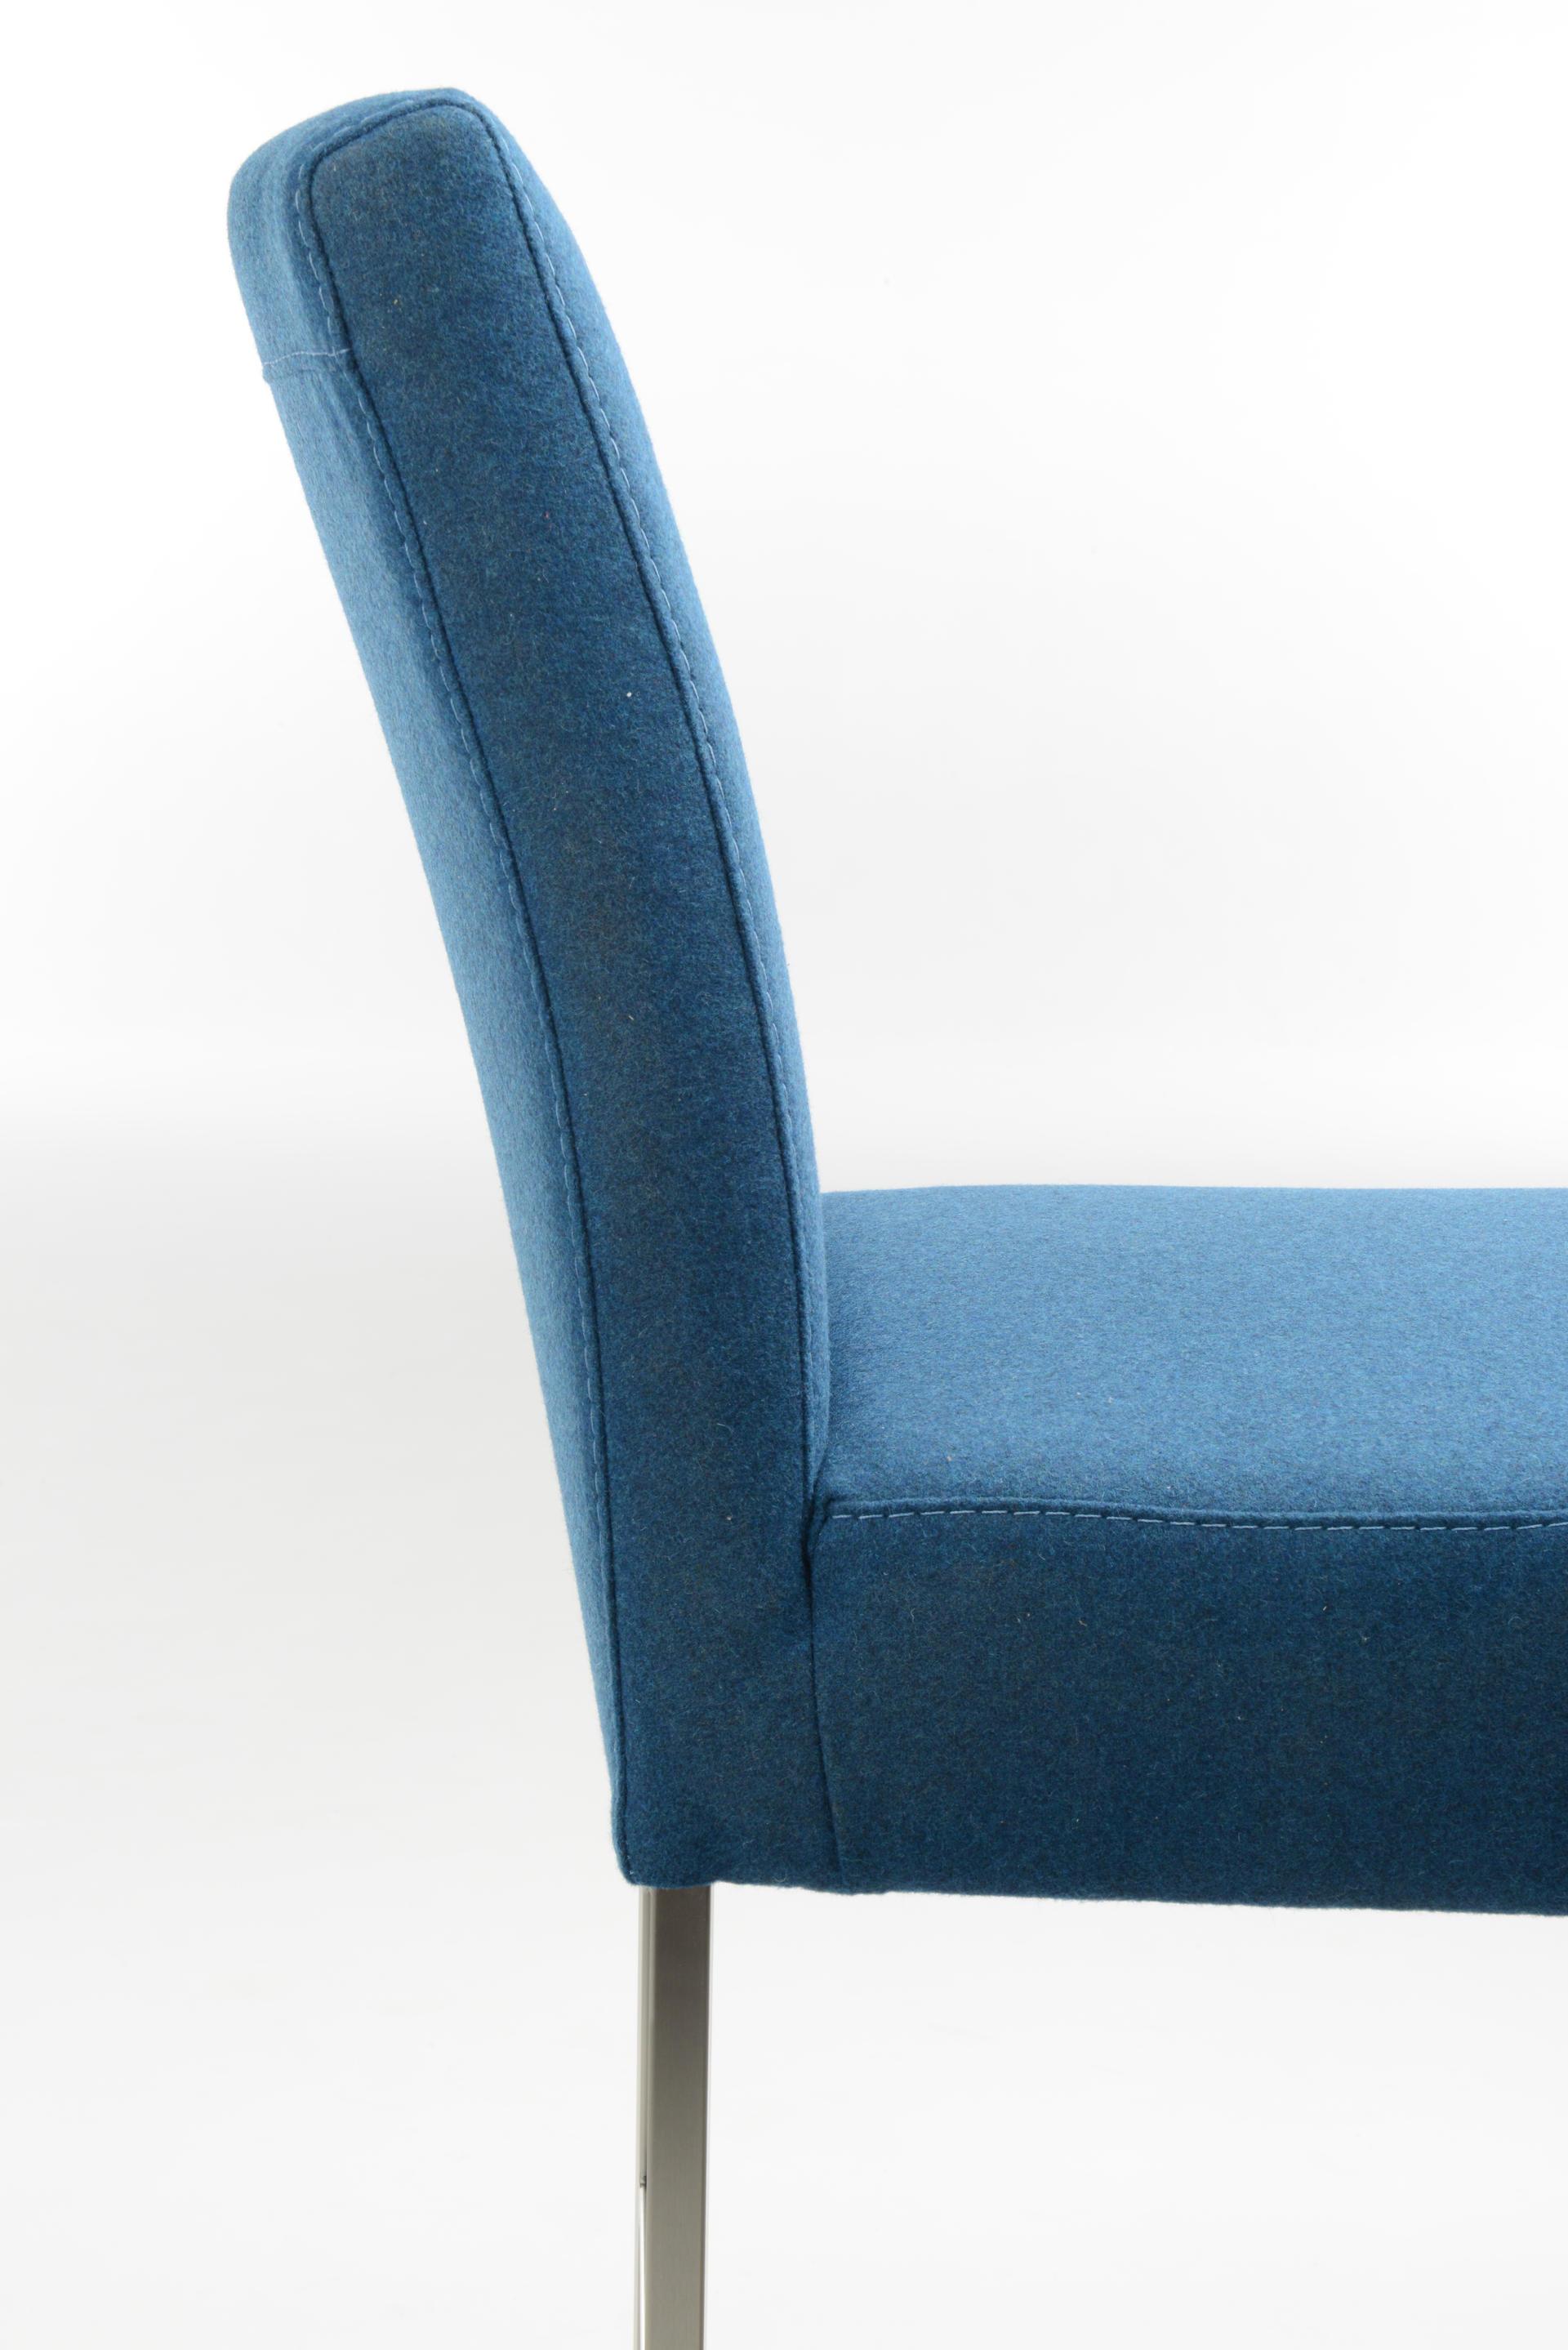 Барный стул Cheers, Bert Plantagie, фото 3